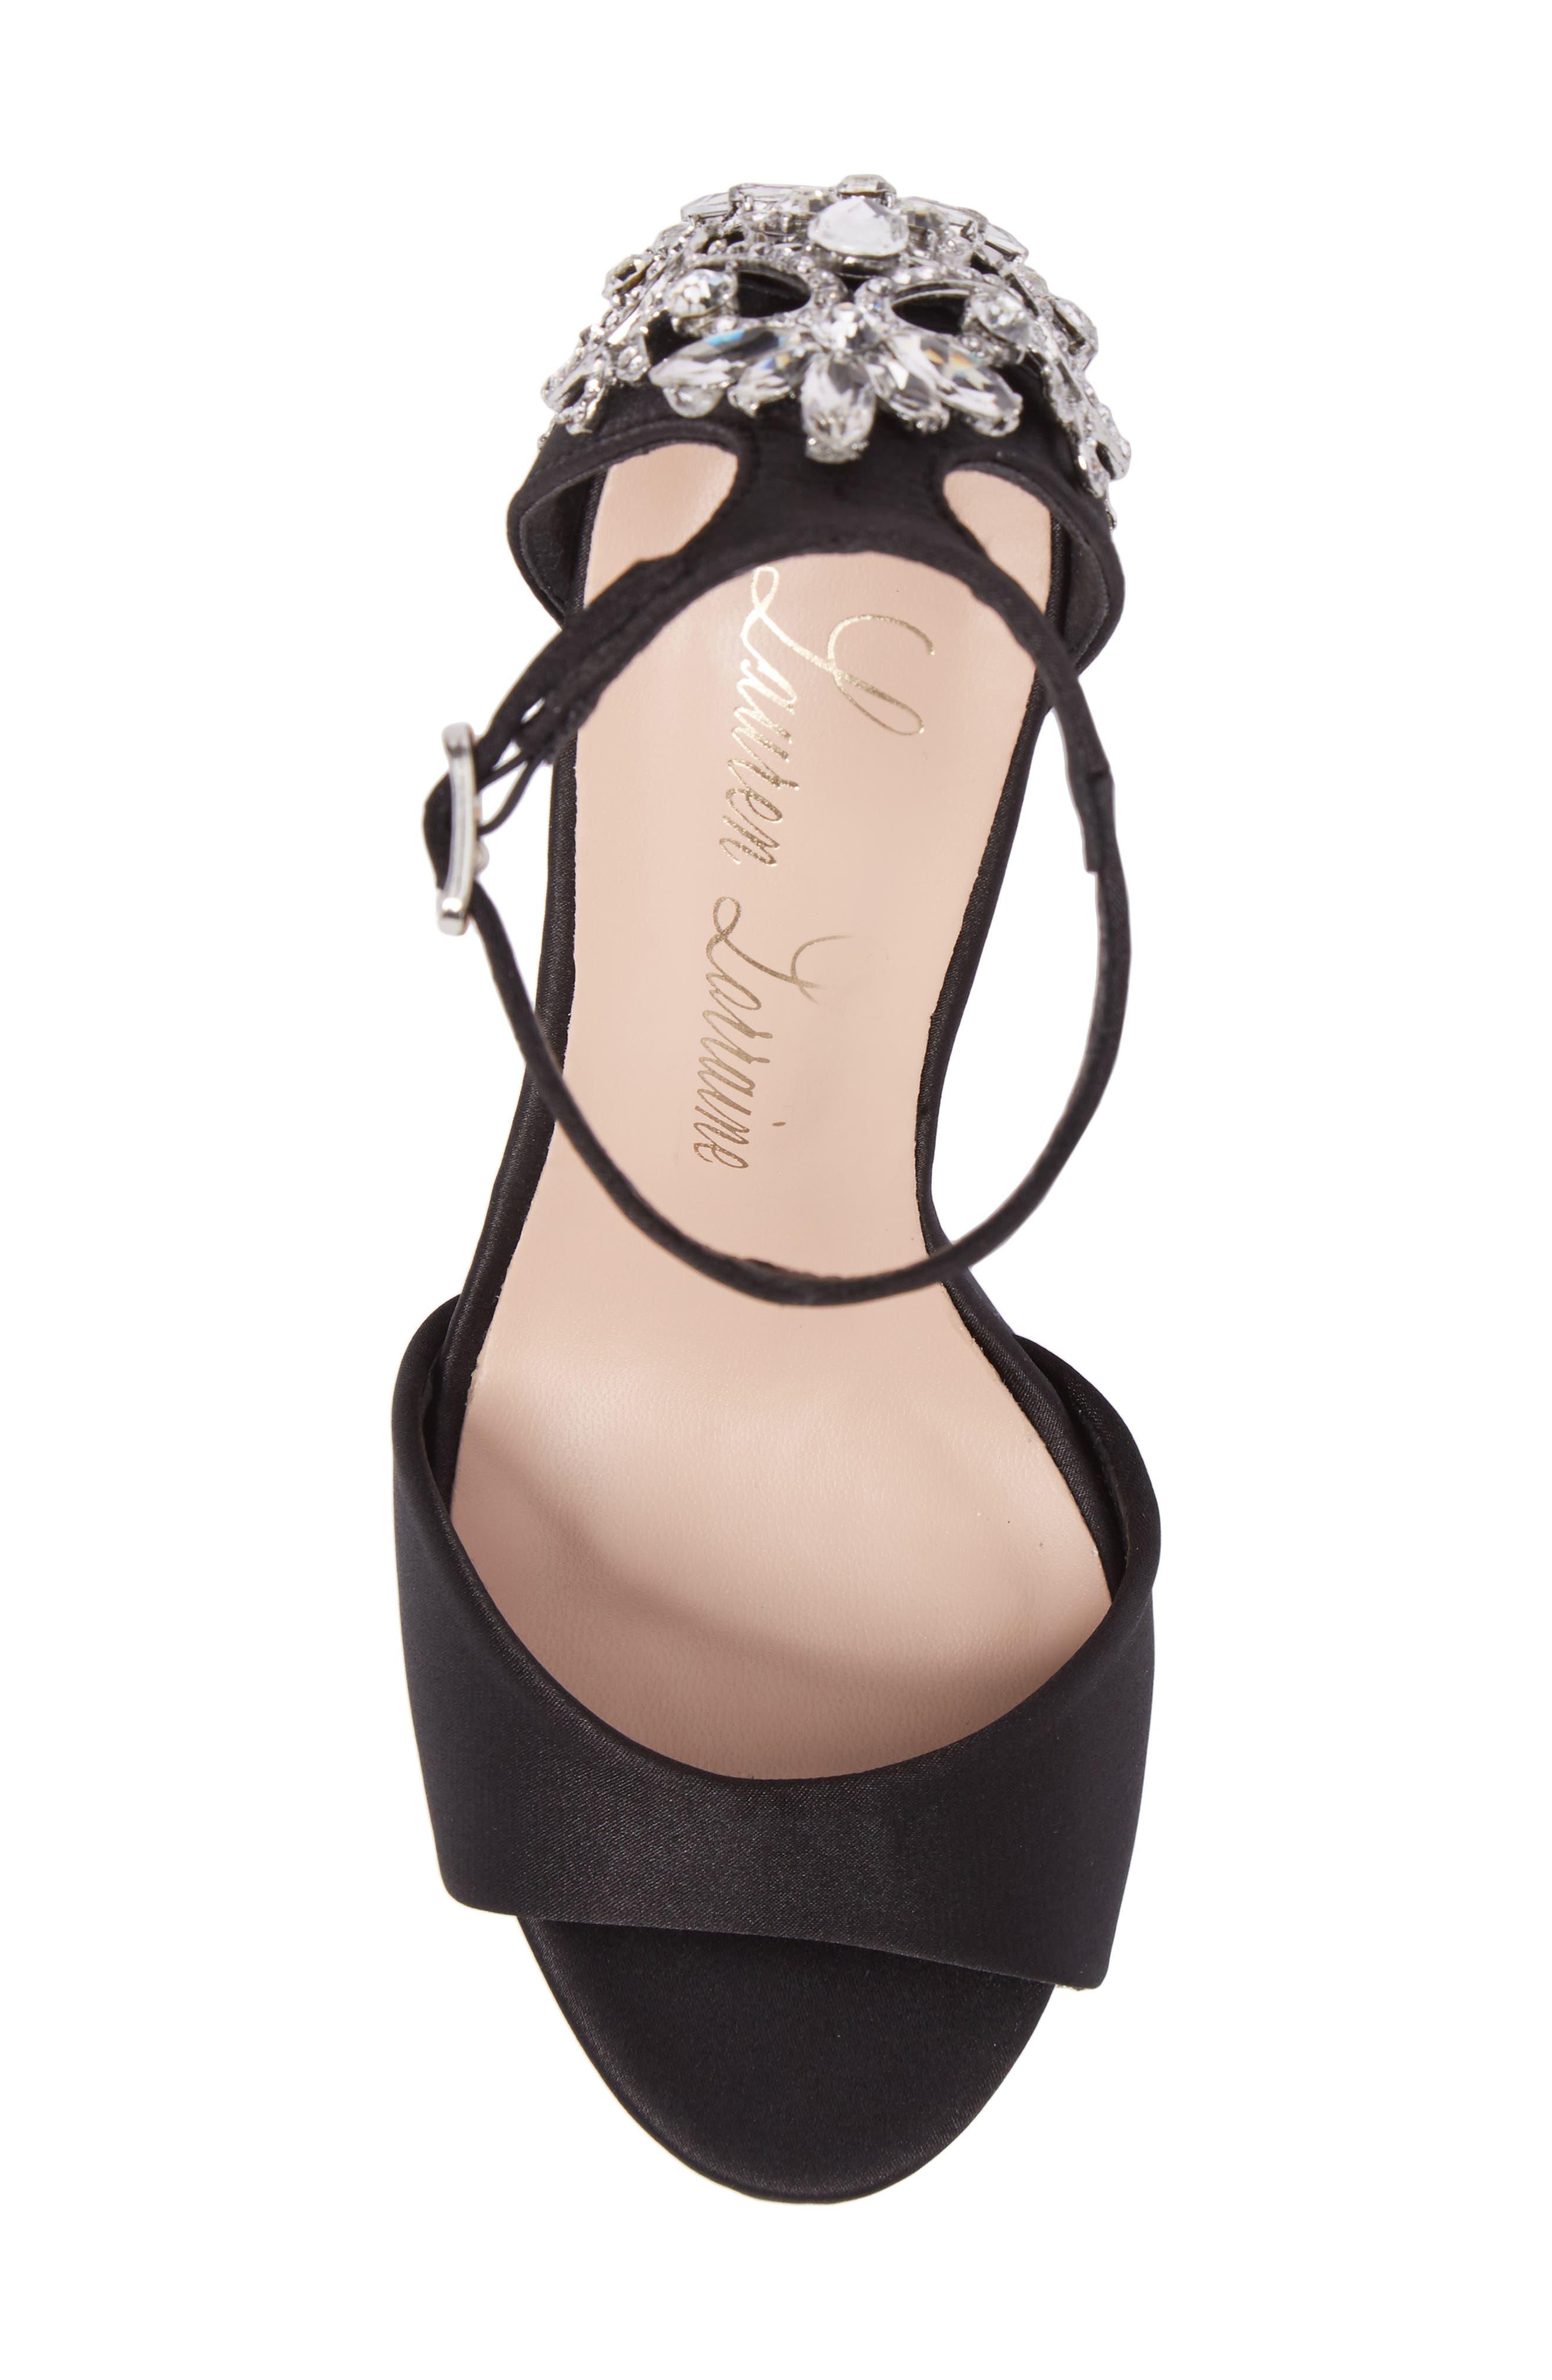 Monet Crystal Embellished Sandal,                             Alternate thumbnail 5, color,                             Black Satin